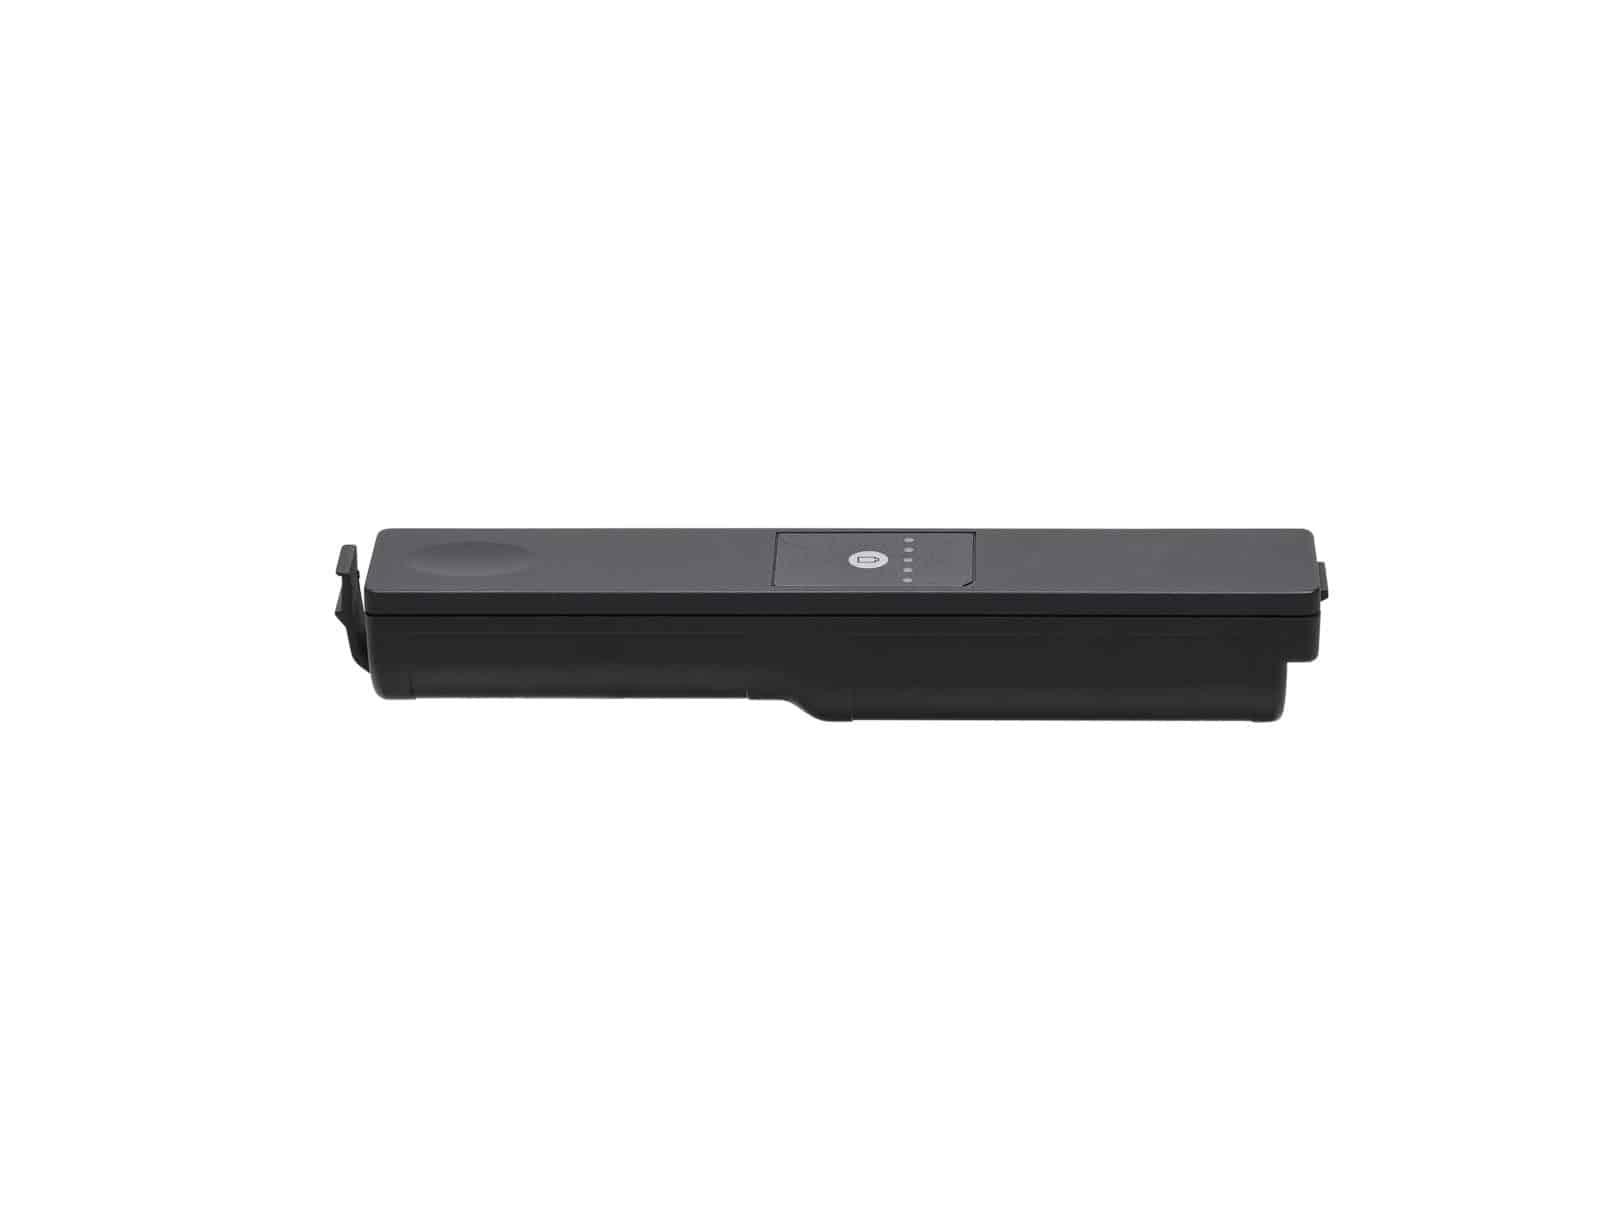 Batterie rechargeable Confidea BP G4 pour système de conférence sans fil Televic Conference